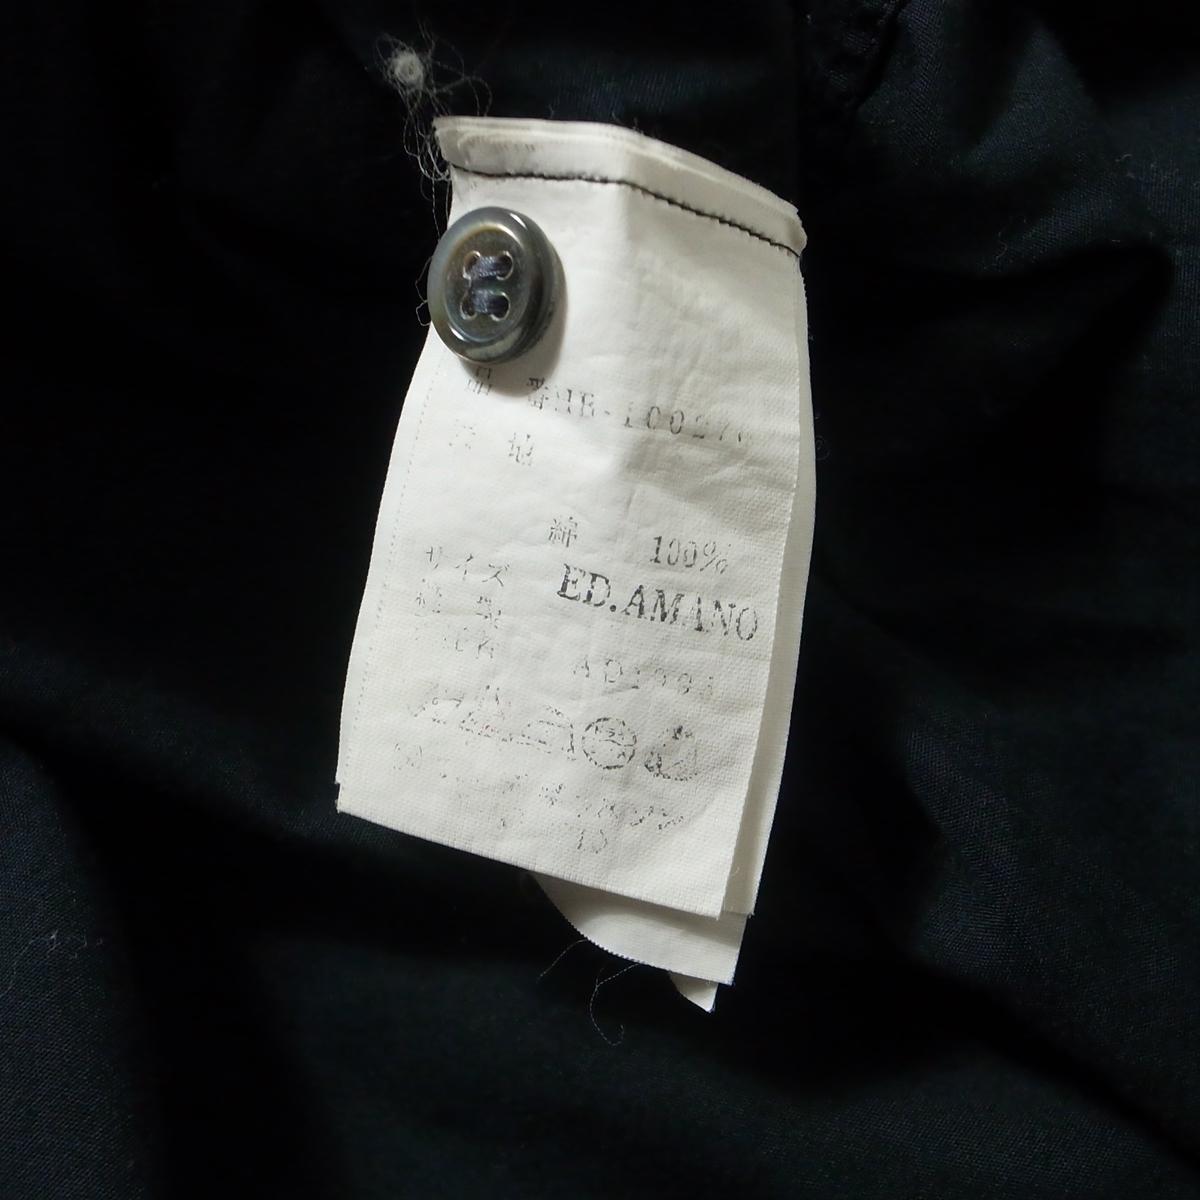 90s COMME des GARCONS HOMME コムデギャルソン オム 長袖 シャツ 黒 無地 / ビッグシルエット ブランド古着 アーカイブ_画像7